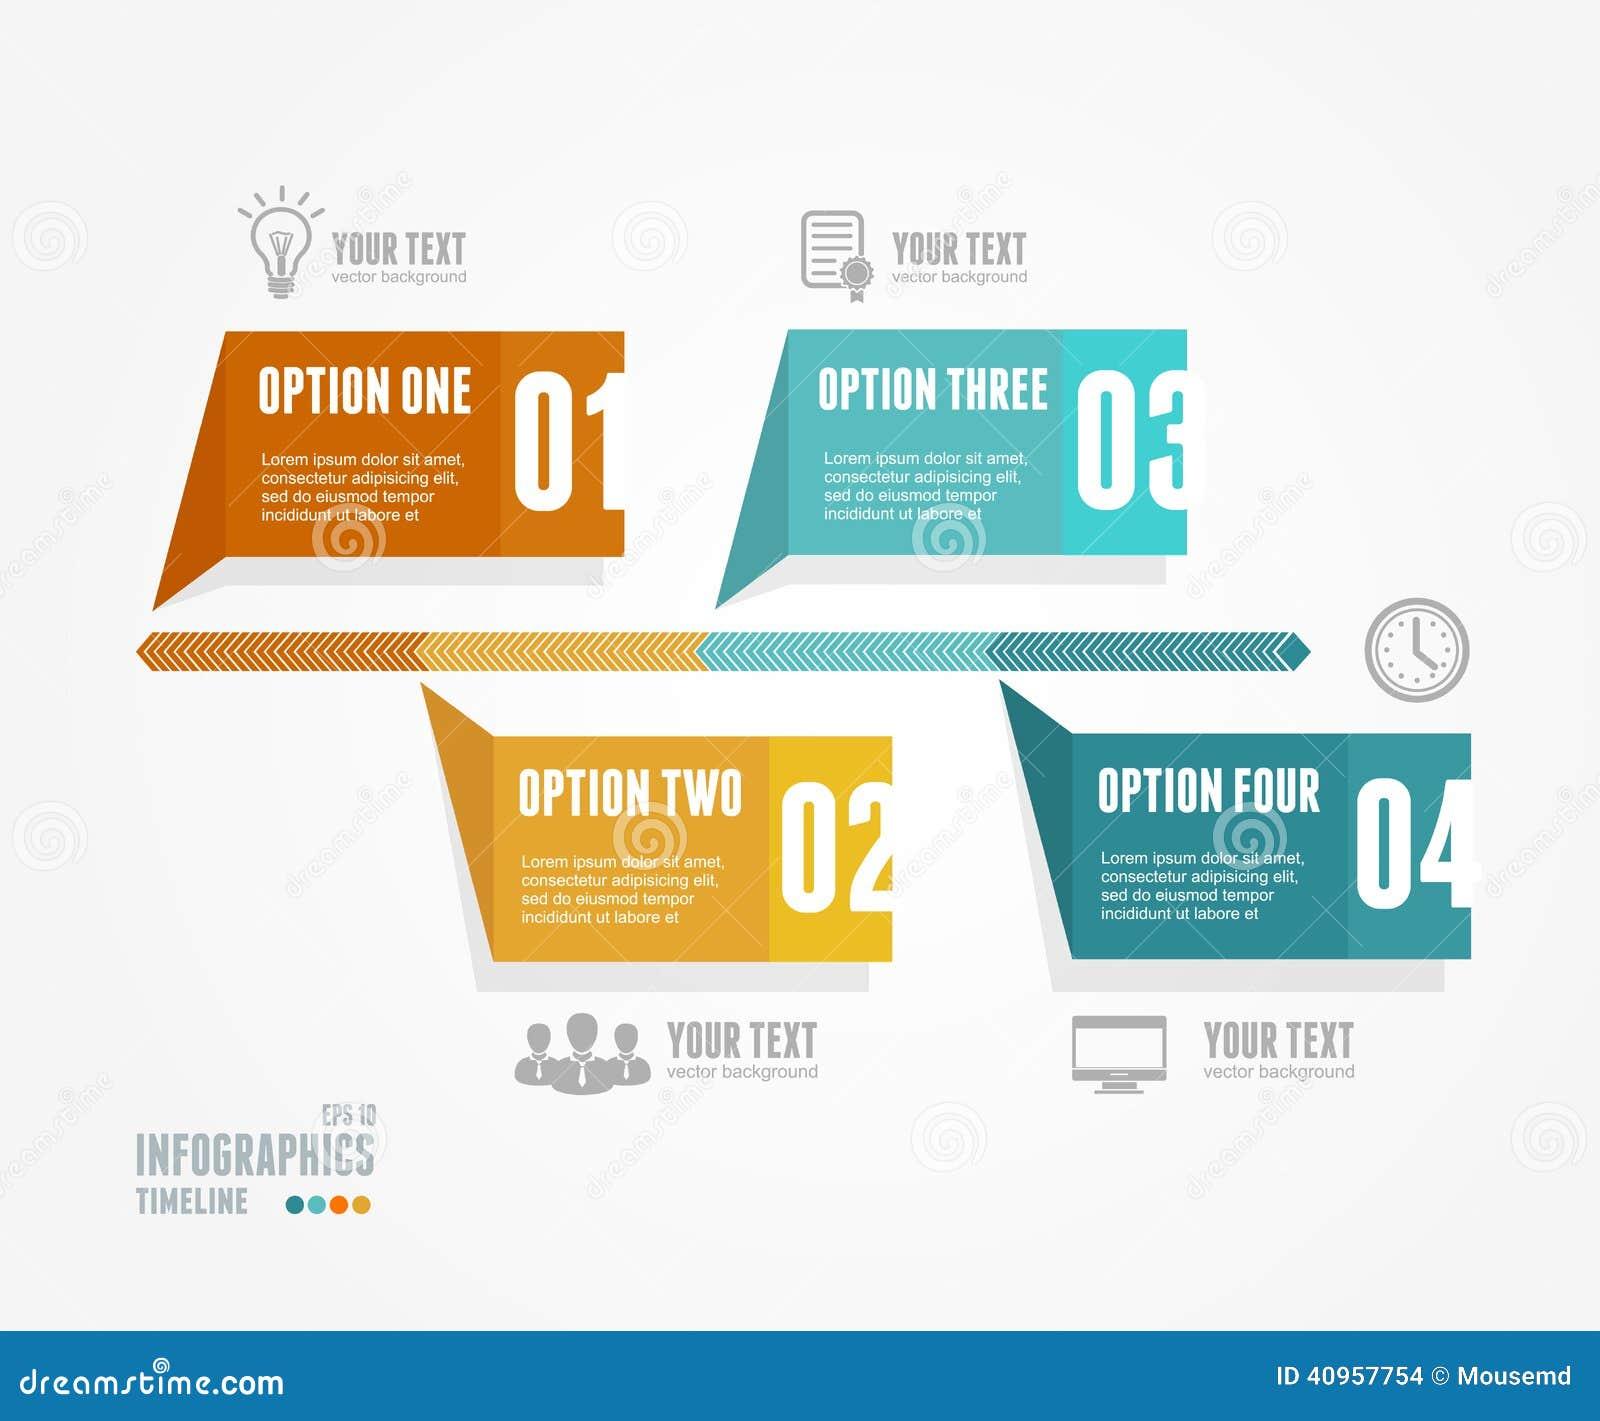 Timeline Infographic | 1300 x 1171 · 92 kB · jpeg